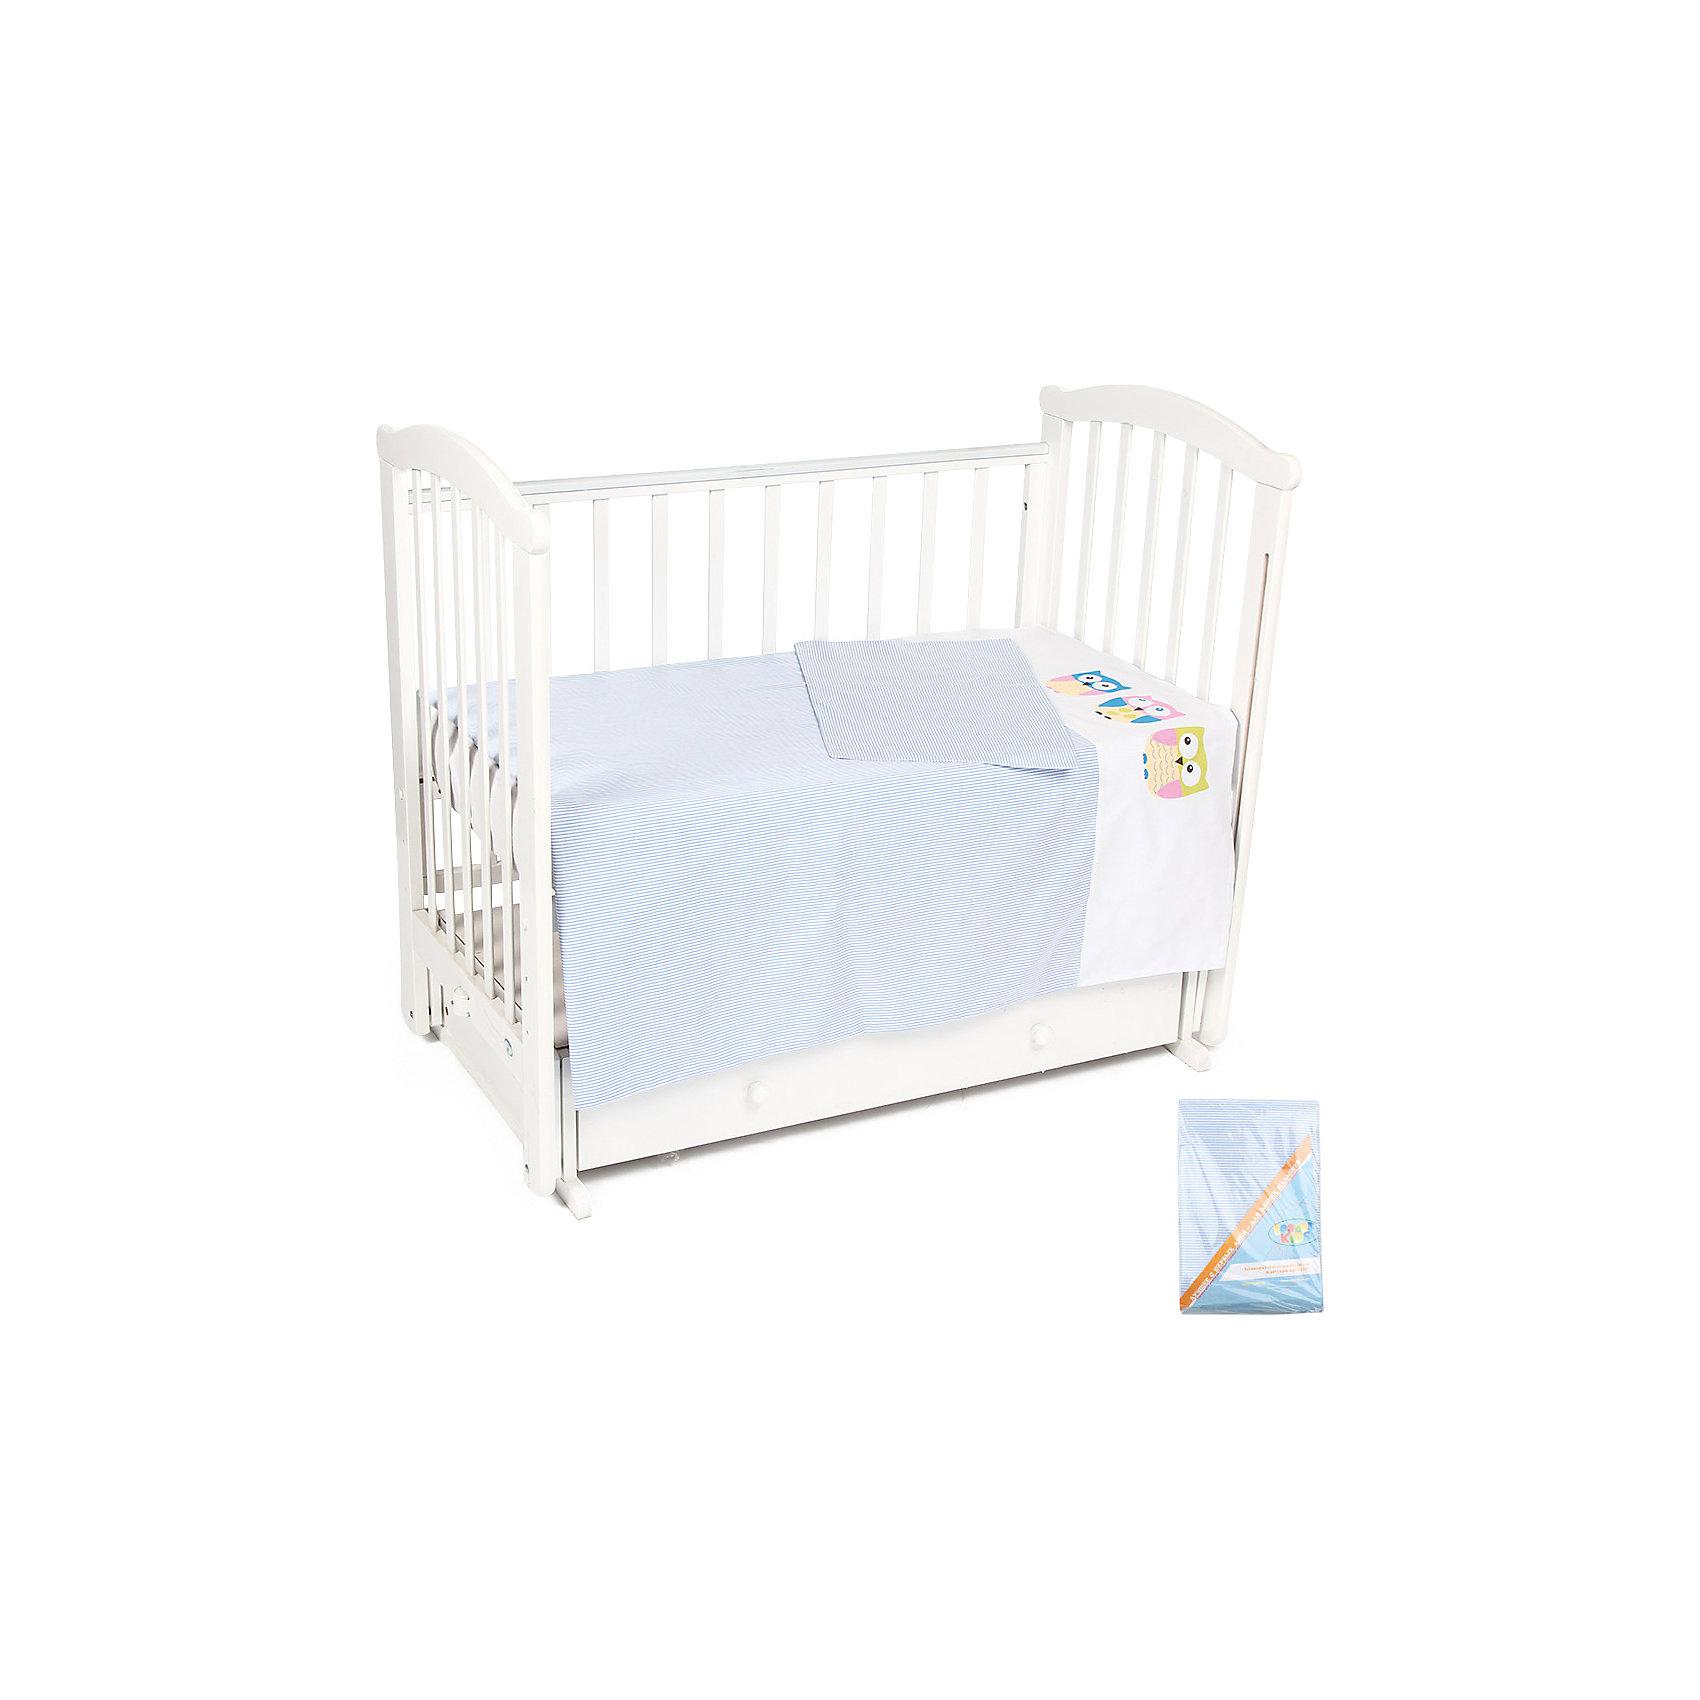 Постельное белье Совята 3 пред., Leader kids, синий3 предмета<br>Удобное правильно подобранное постельное белье - это залог крепкого сна ребенка и его хорошего самочувствия. Но постельное белье может при этом быть еще и красивым!<br>Этот набор выполнен из высококачественного гипоаллергенного материала - хлопка. Он приятен на ощупь, позволяет коже дышать, безопасен для детей. В этот комплект входит: простынь, наволочка, пододеяльник. Размер - стандартный, удобно заправляется. Изделие имеет приятную расцветку, декорировано симпатичным принтом. Подойдет к интерьеру различной расцветки.<br><br>Дополнительная информация:<br><br>материал: бязь (хлопок 100%);<br>наволочка: 40x60 см;<br>пододеяльник: 110x140 см;<br>простыня: 90x150 см;<br>принт;<br>цвет: синий.<br><br>Постельное белье Совята 3 пред. от компании Leader kids можно купить в нашем магазине.<br><br>Ширина мм: 370<br>Глубина мм: 200<br>Высота мм: 2700<br>Вес г: 1500<br>Возраст от месяцев: 0<br>Возраст до месяцев: 36<br>Пол: Мужской<br>Возраст: Детский<br>SKU: 4778537